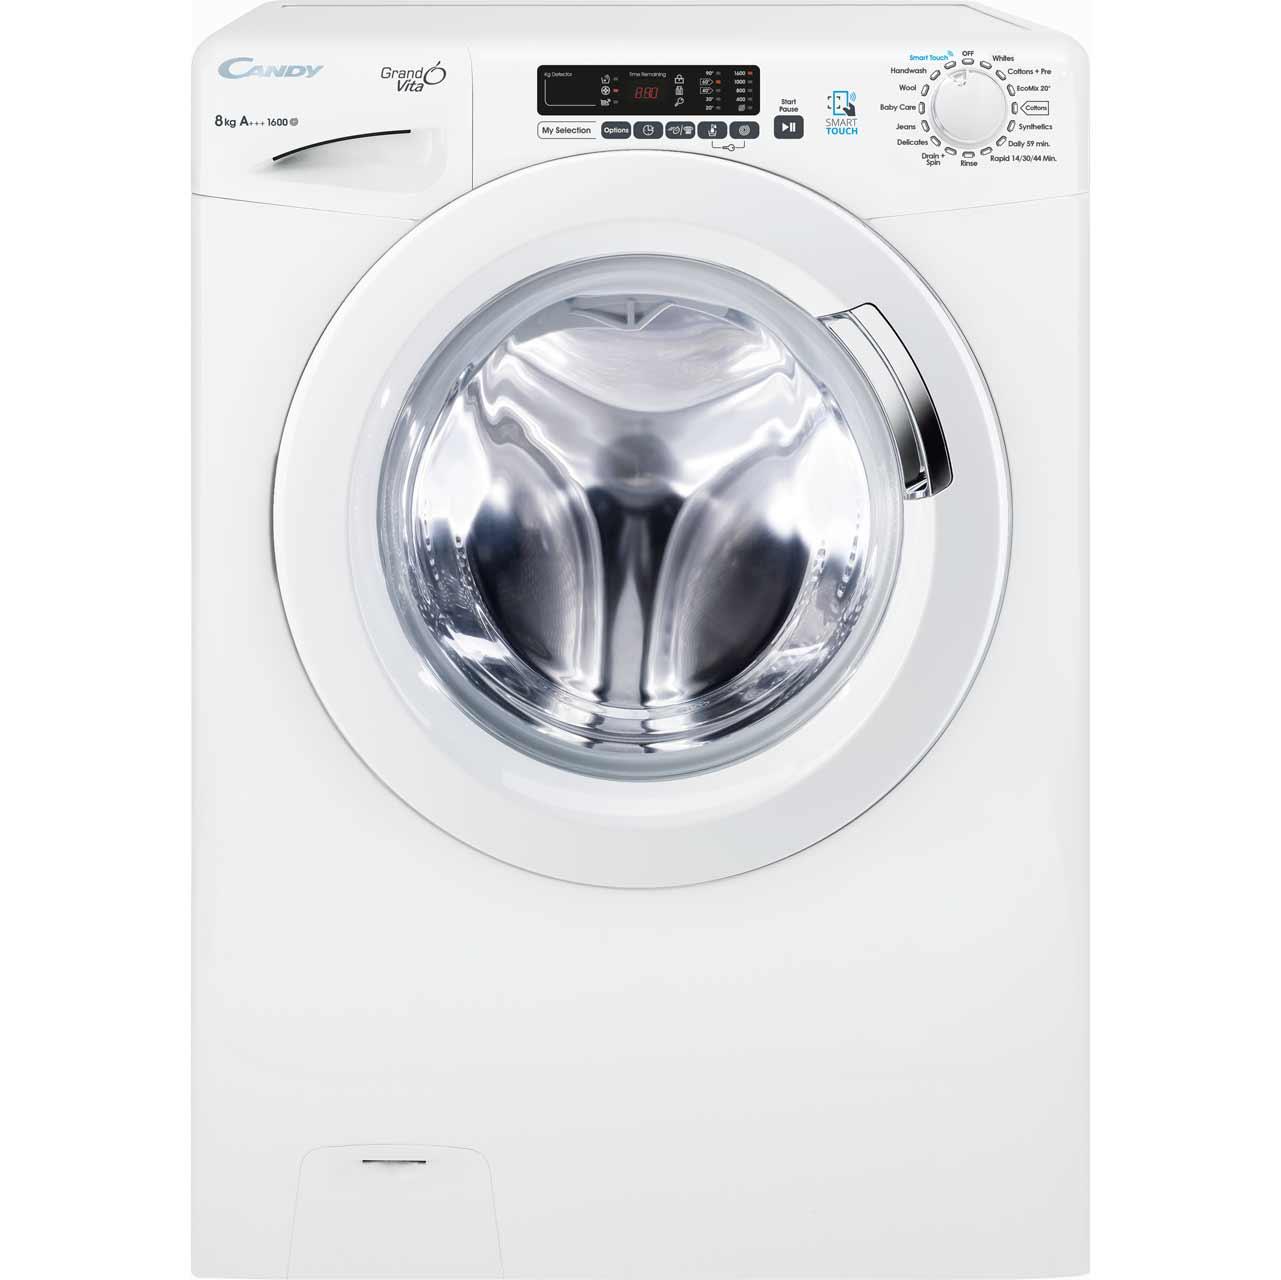 gvs168d3 wh candy 8kg washing machine ao com rh ao com Washing Machine User Manual Candy C420 Washing Machine